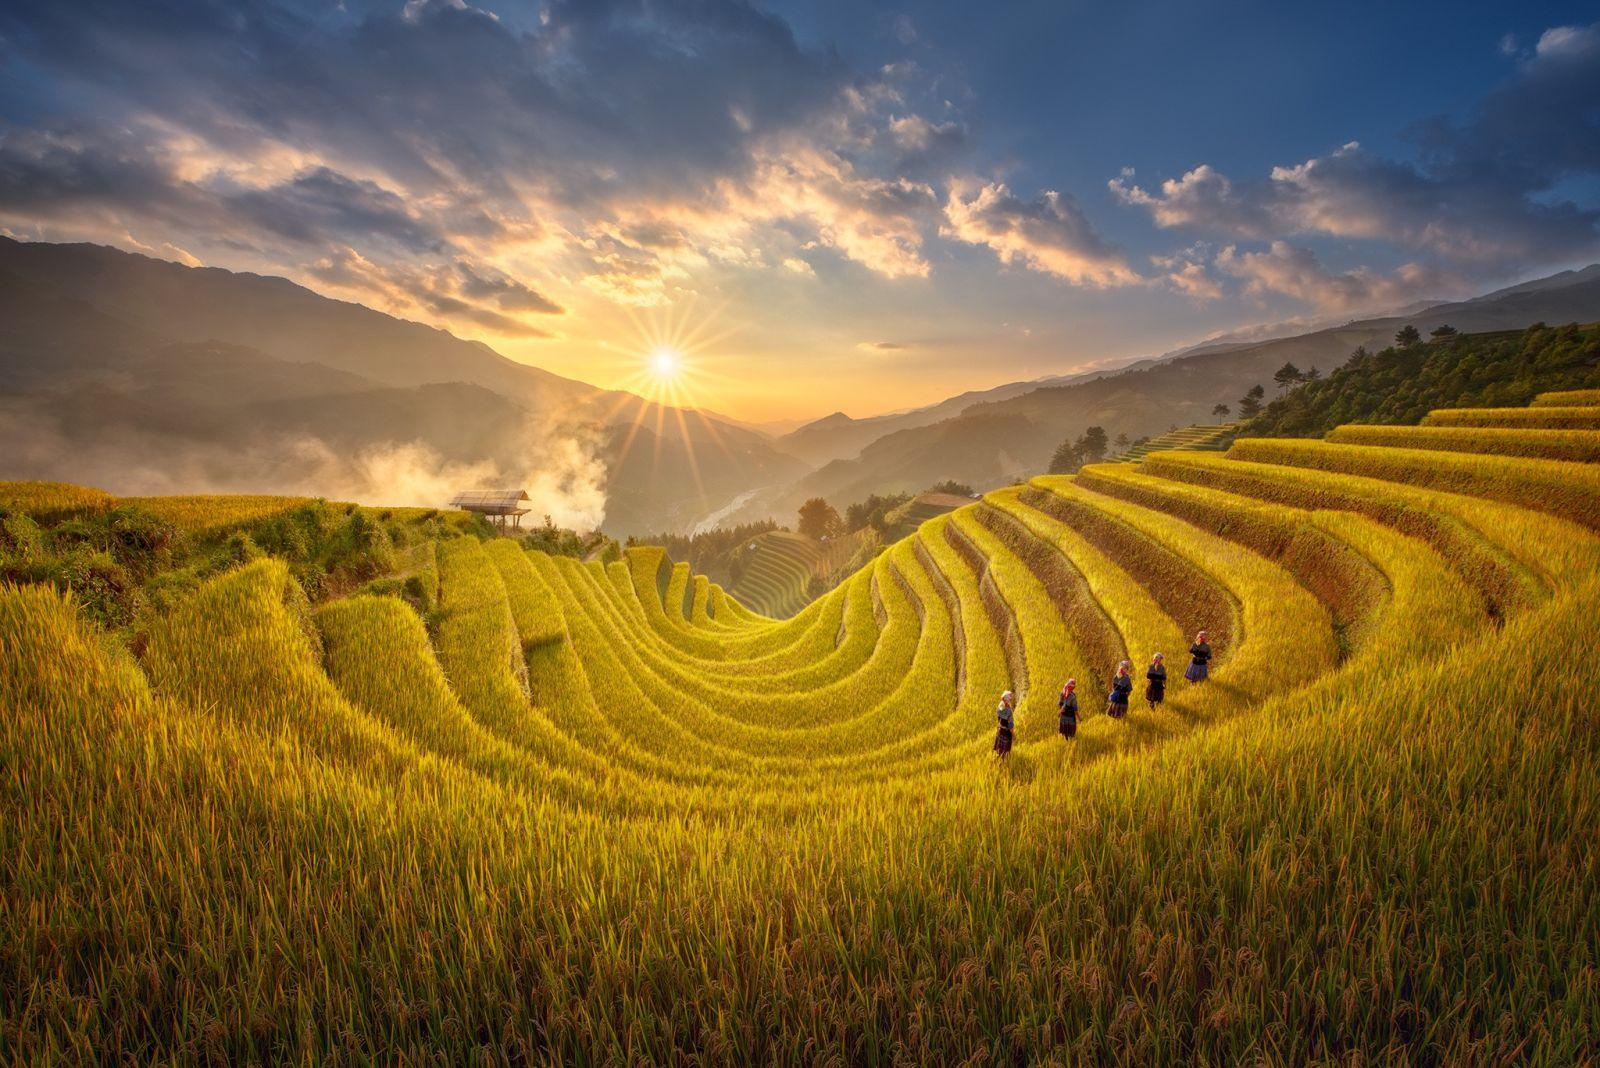 Du khách có cơ hội chiêm ngưỡng với cảnh sắc tuyêt đẹp của lúa, với mùi thơm đặc trưng của lú